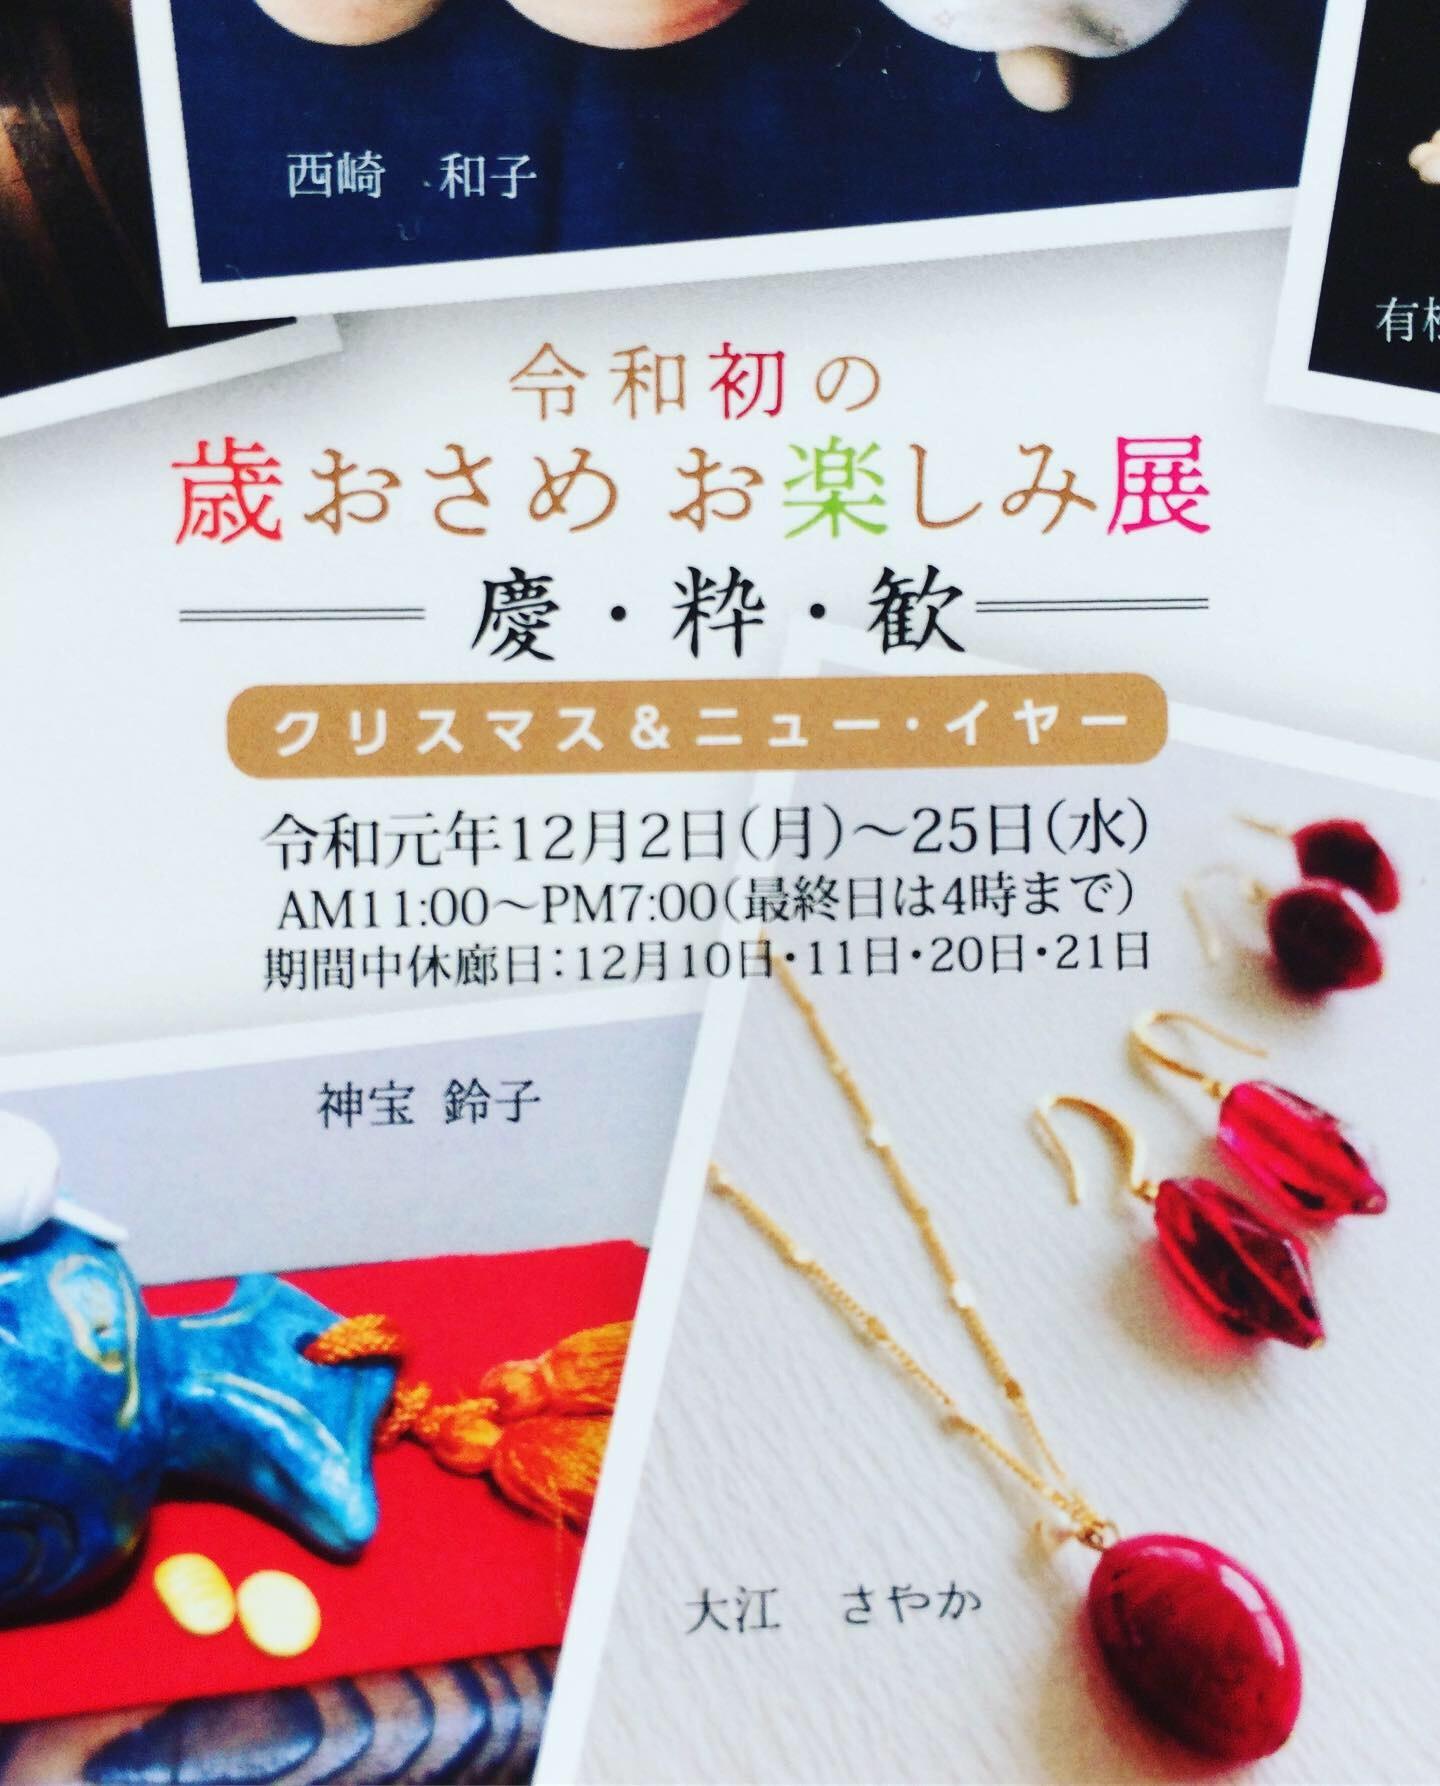 クリスマス展のお知らせです☆_f0206741_22405660.jpeg